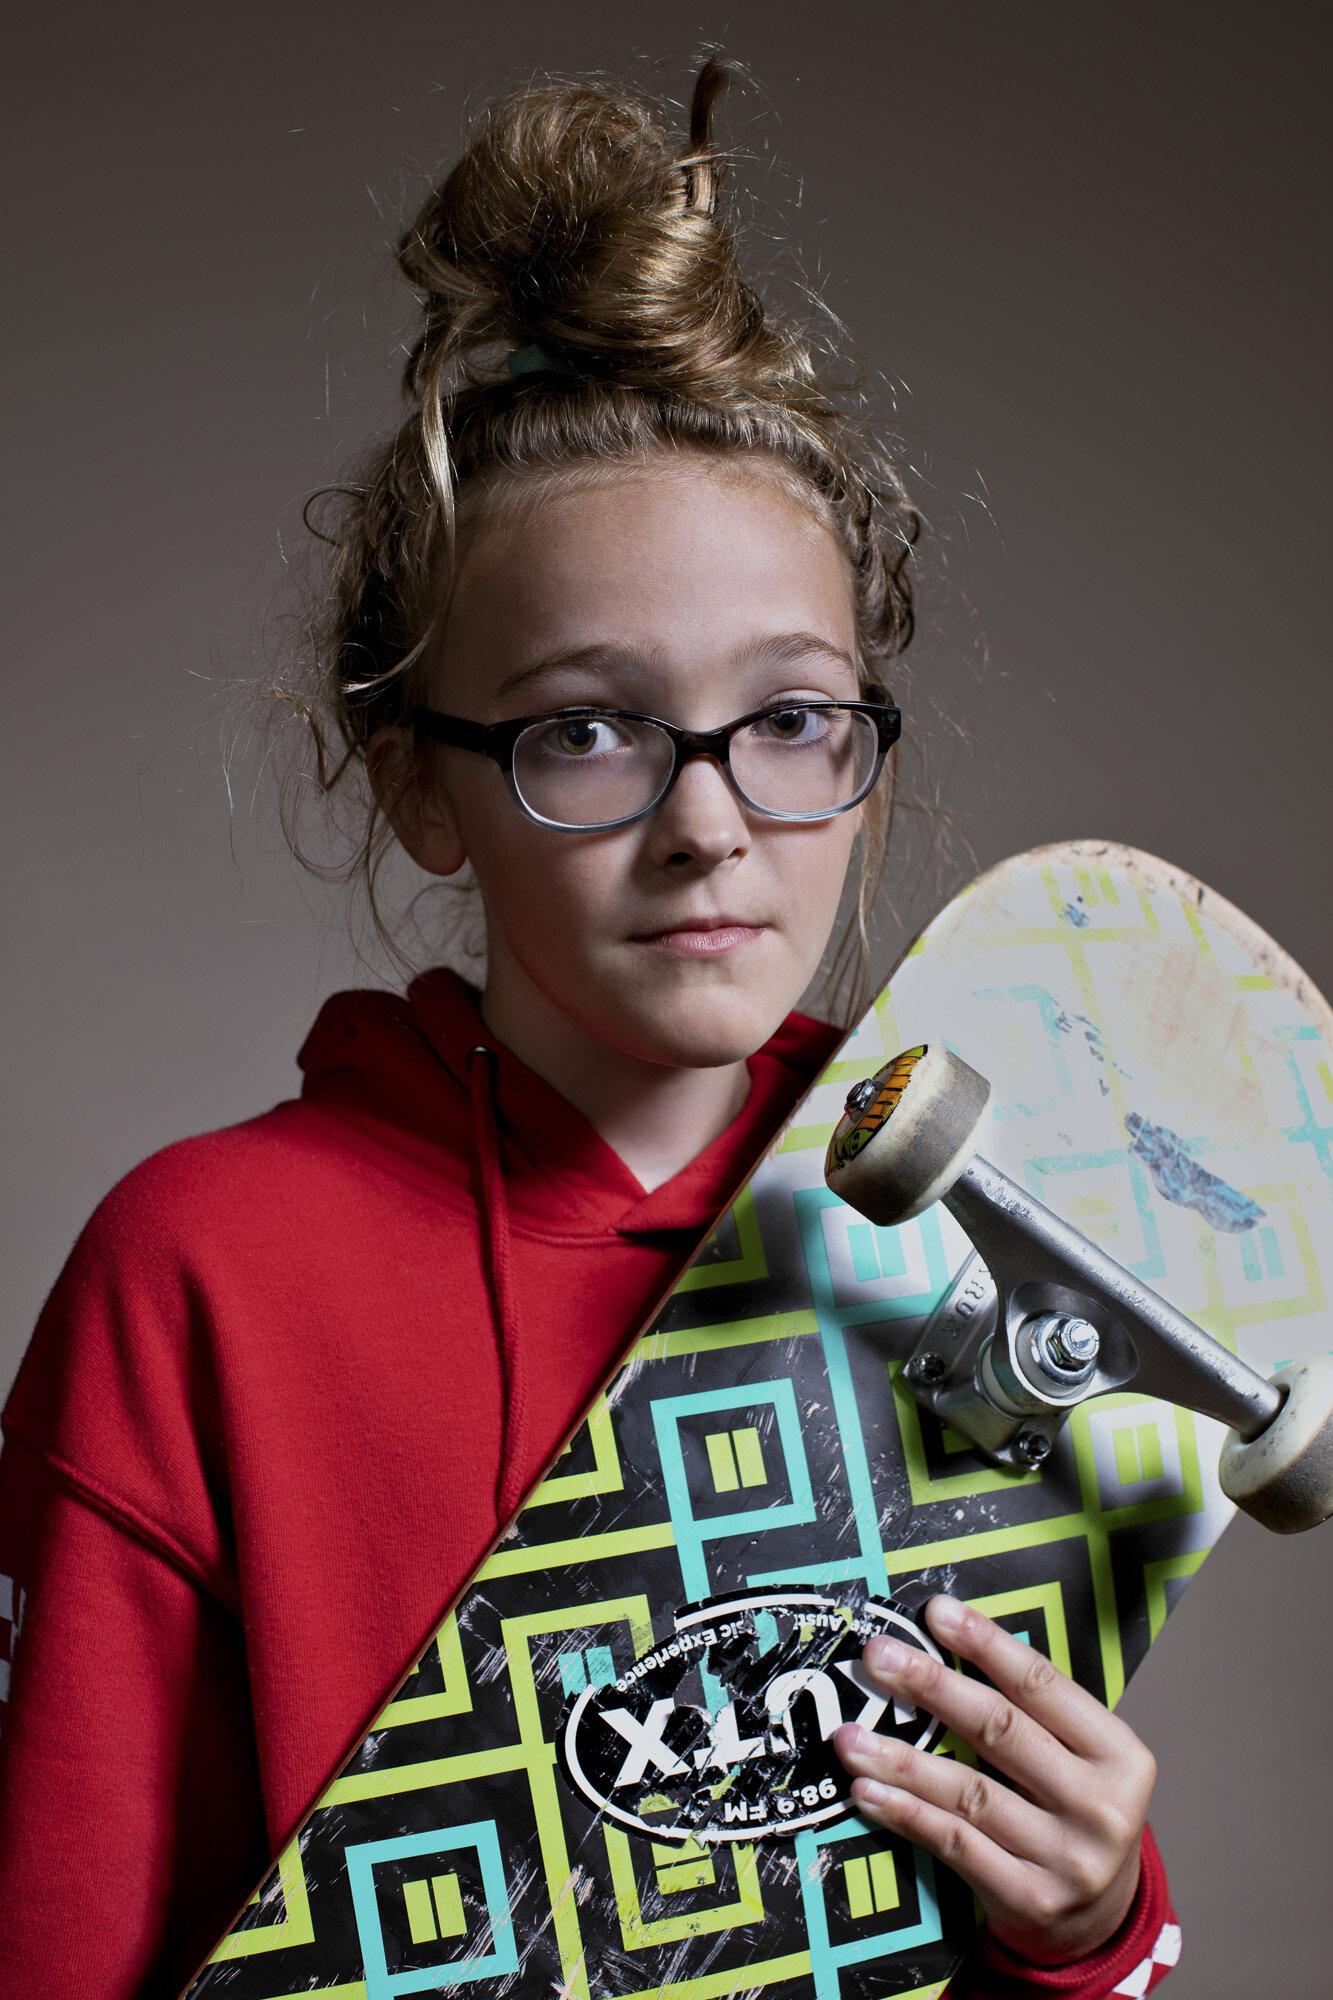 2019_Q3_Ladies-Skate-Night_Portraits_016.JPG